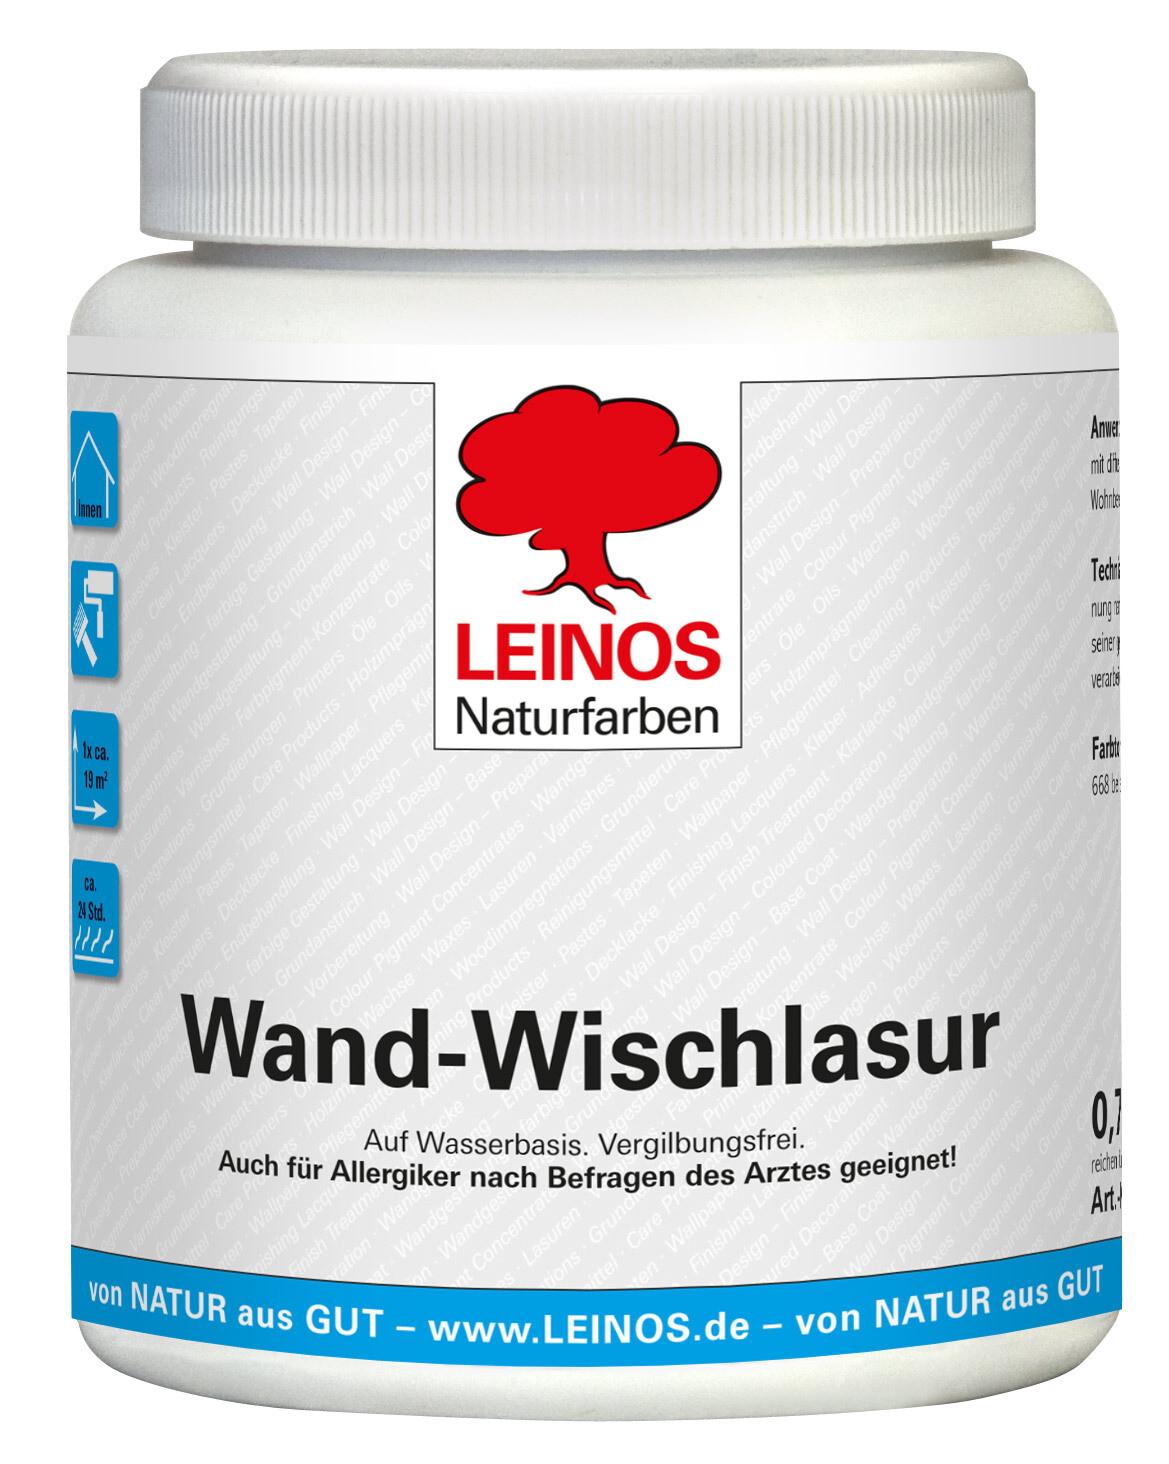 Leinos Wand-Wischlasur 601 0,75 l